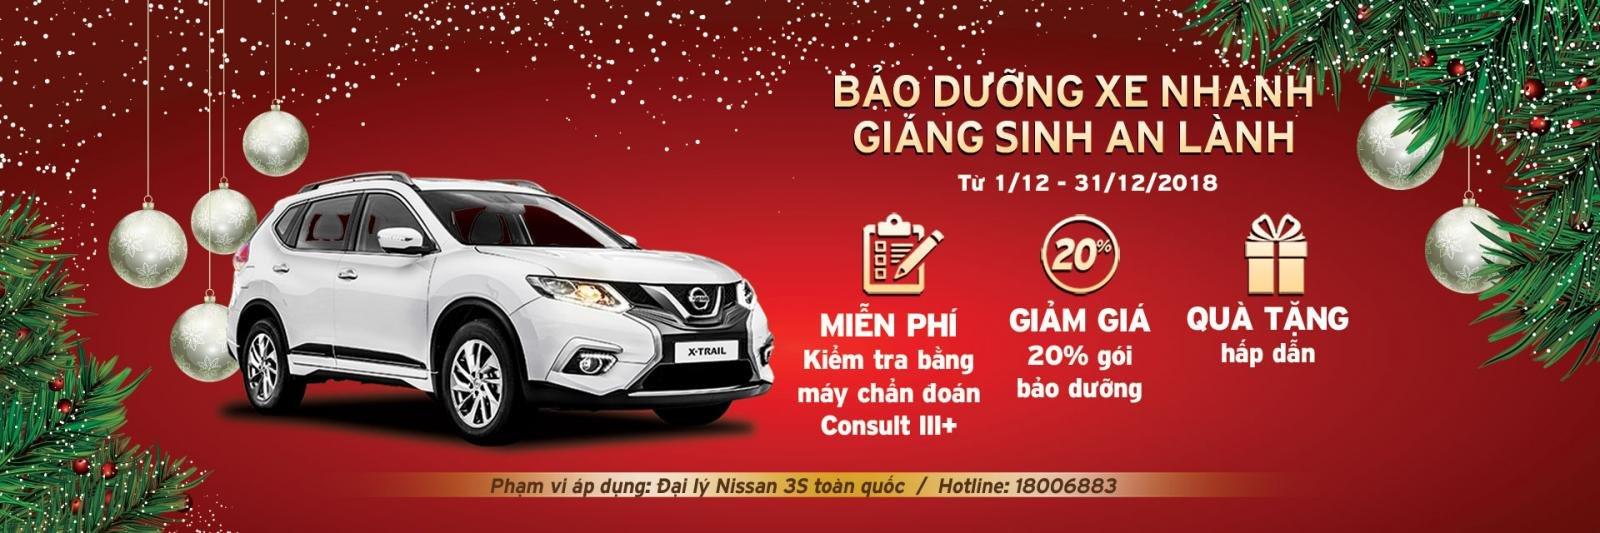 Nissan triển khai chương trình khuyến mại bảo dưỡng xe cho khách Việt a1